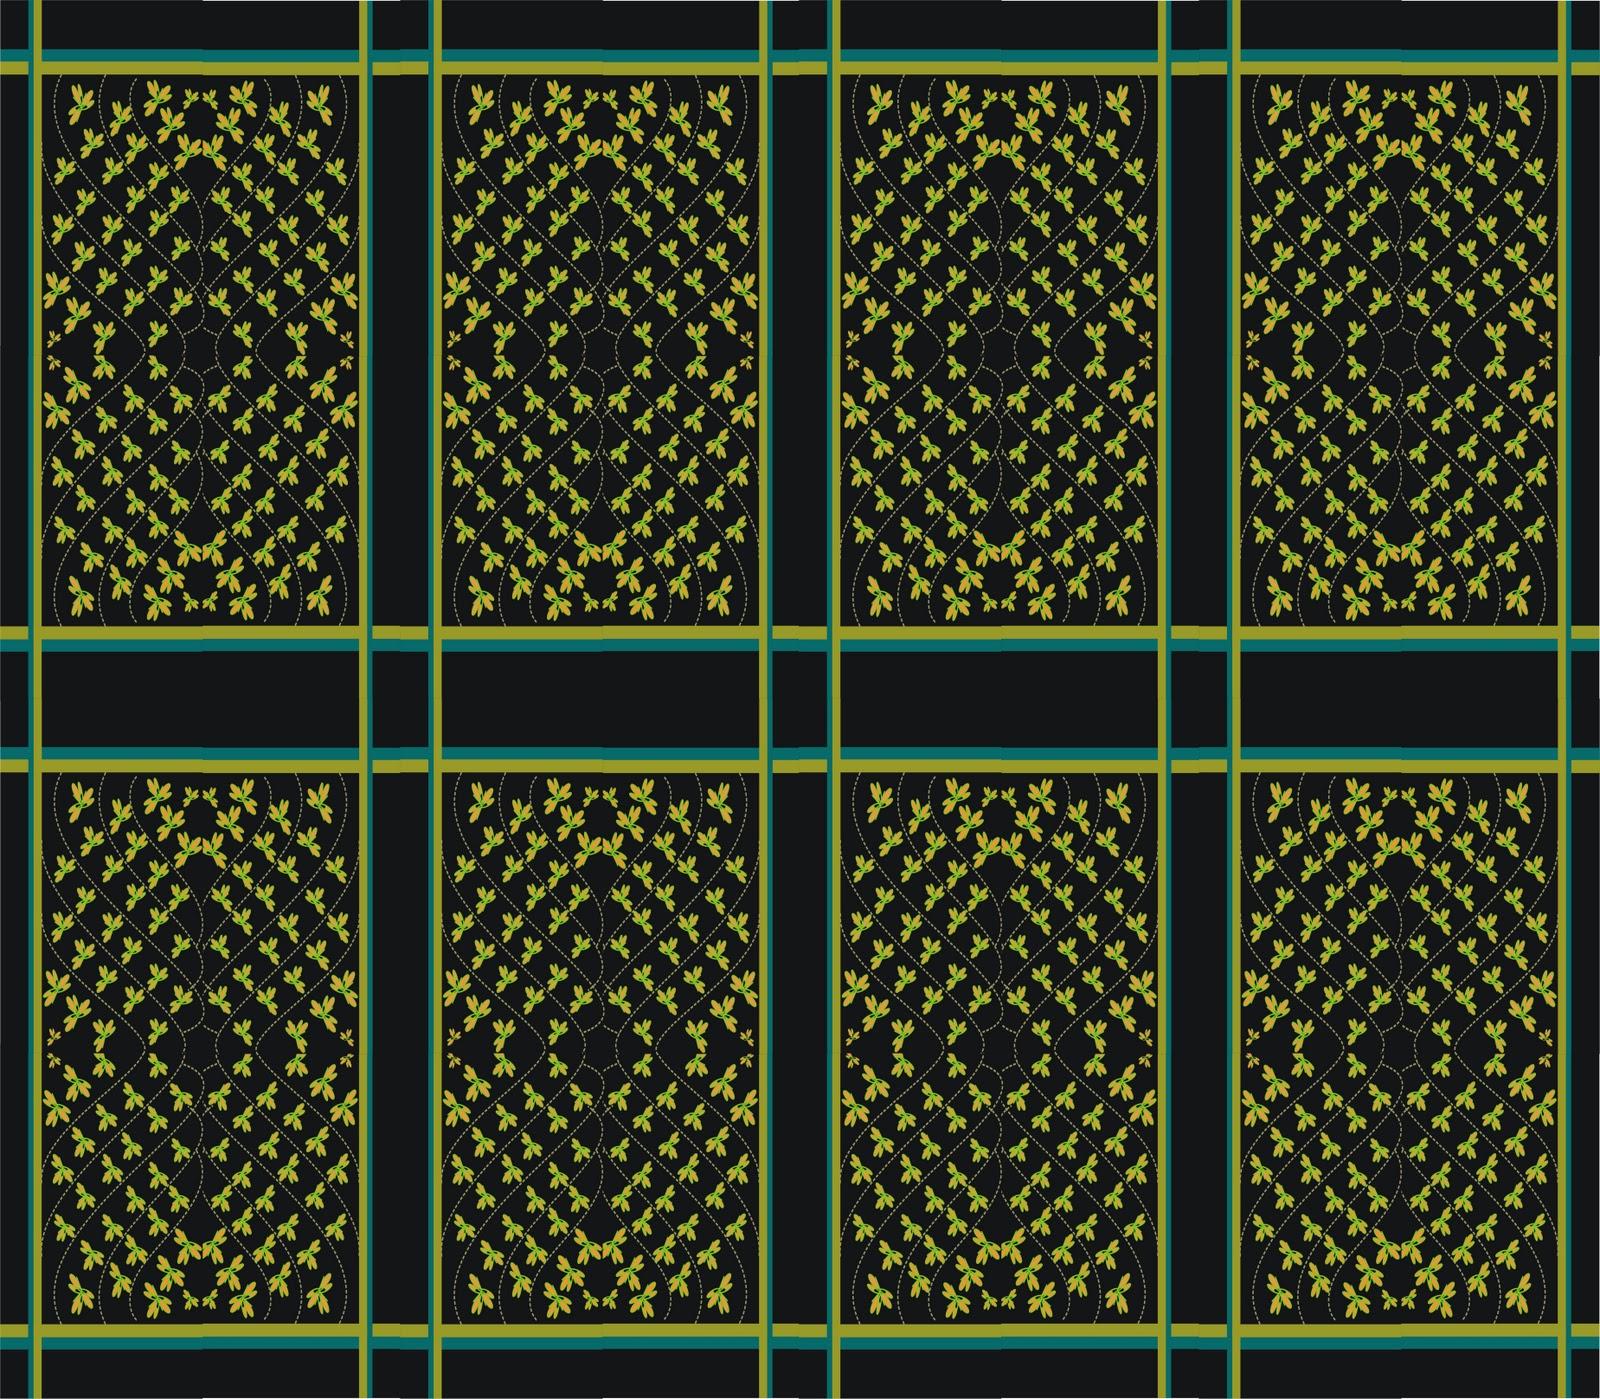 Dalam Lemari 1 Terdapat 4 Kemeja Batik: SMA NEGERI 3 KUNINGAN: MOTIF KAIN BINTIK-BINTIK BUNGA